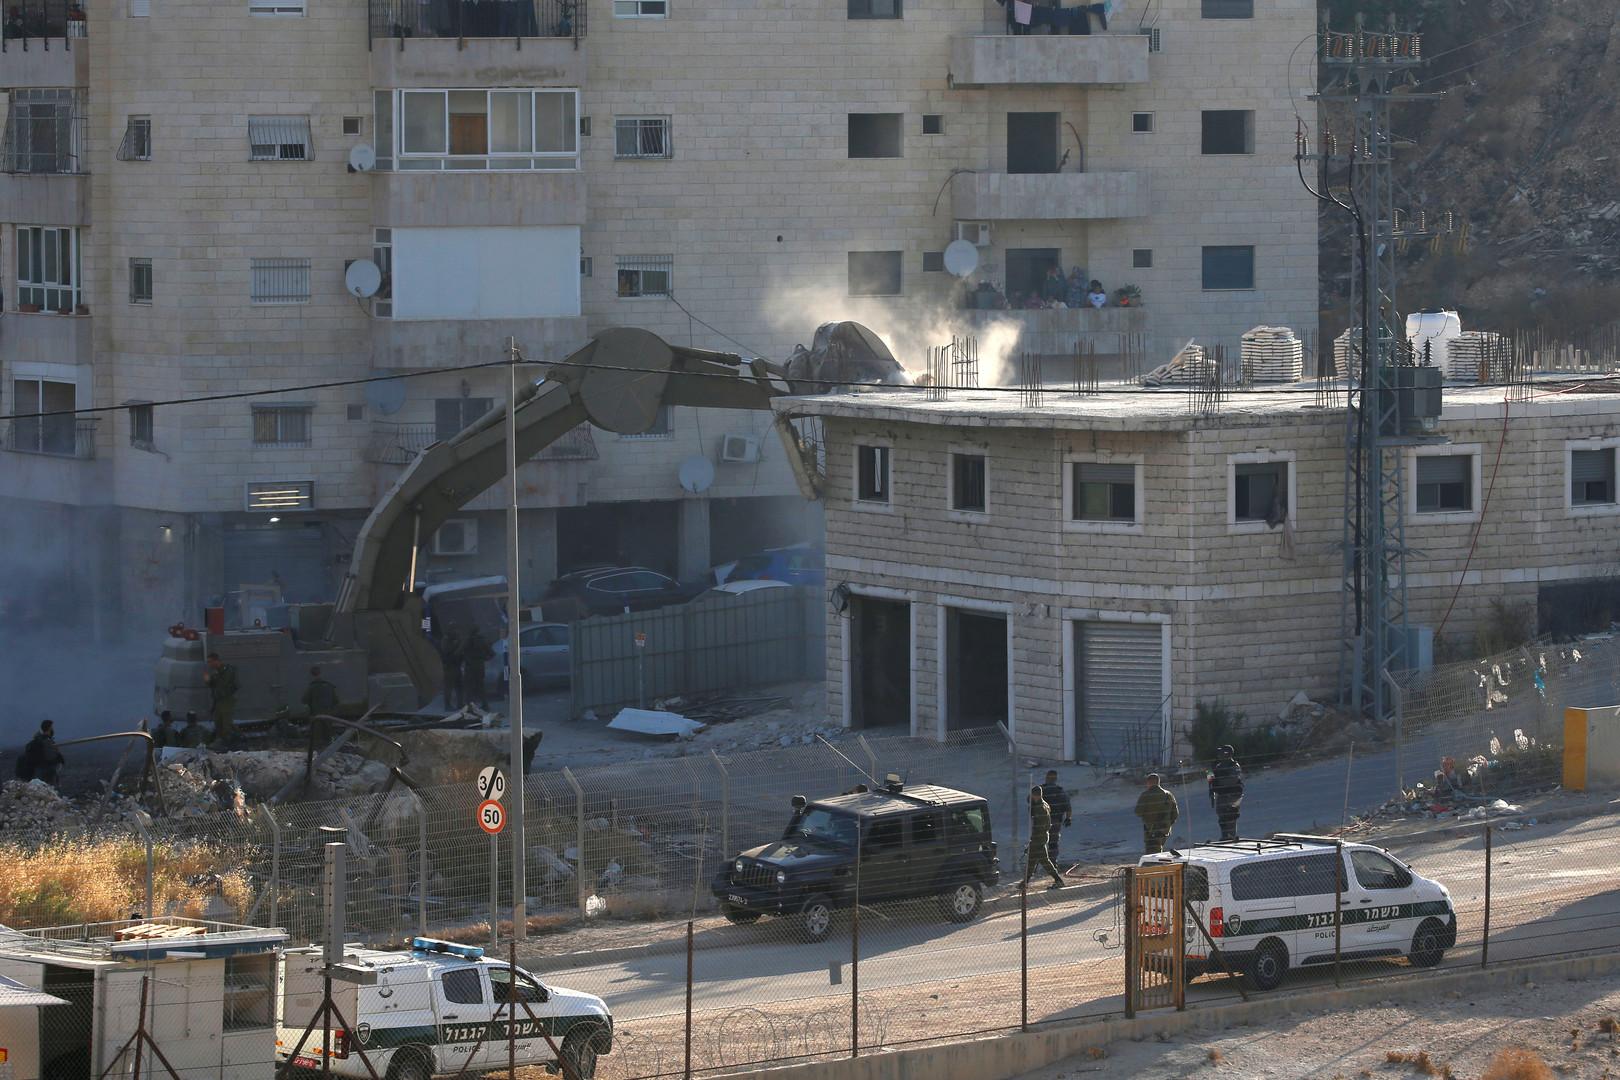 القوات الإسرائيلية تهدم منازل فلسطينيين في قرية صور باهر جنوب القدس